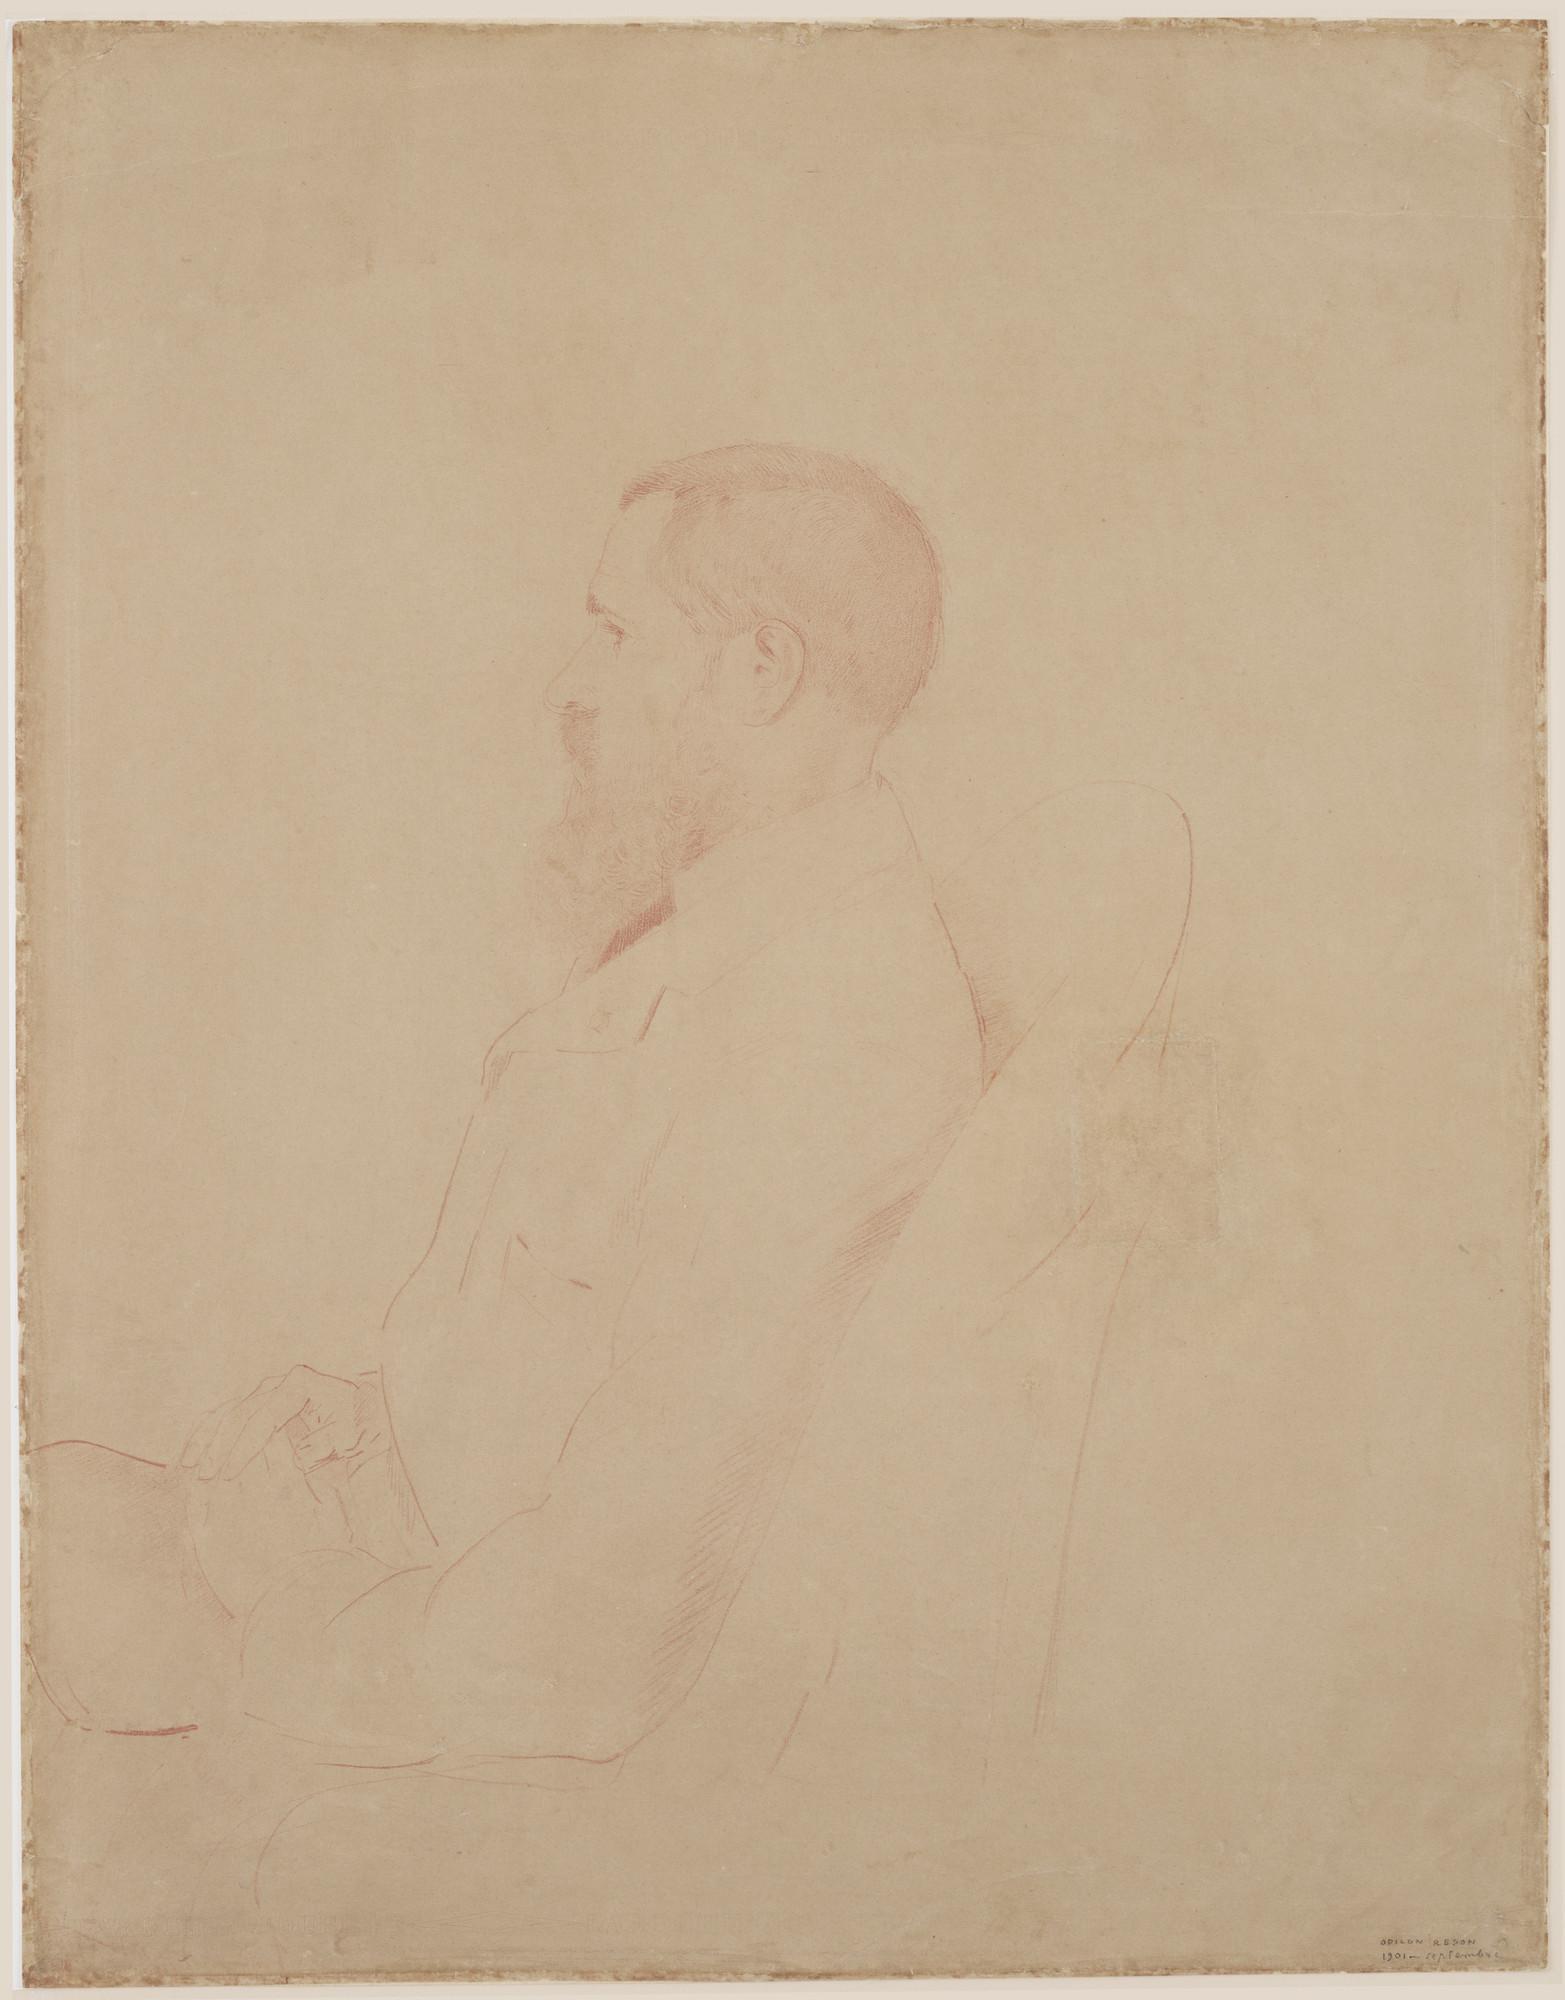 Awesome Odilon Redon Portrait s Joshkrajcik joshkrajcik